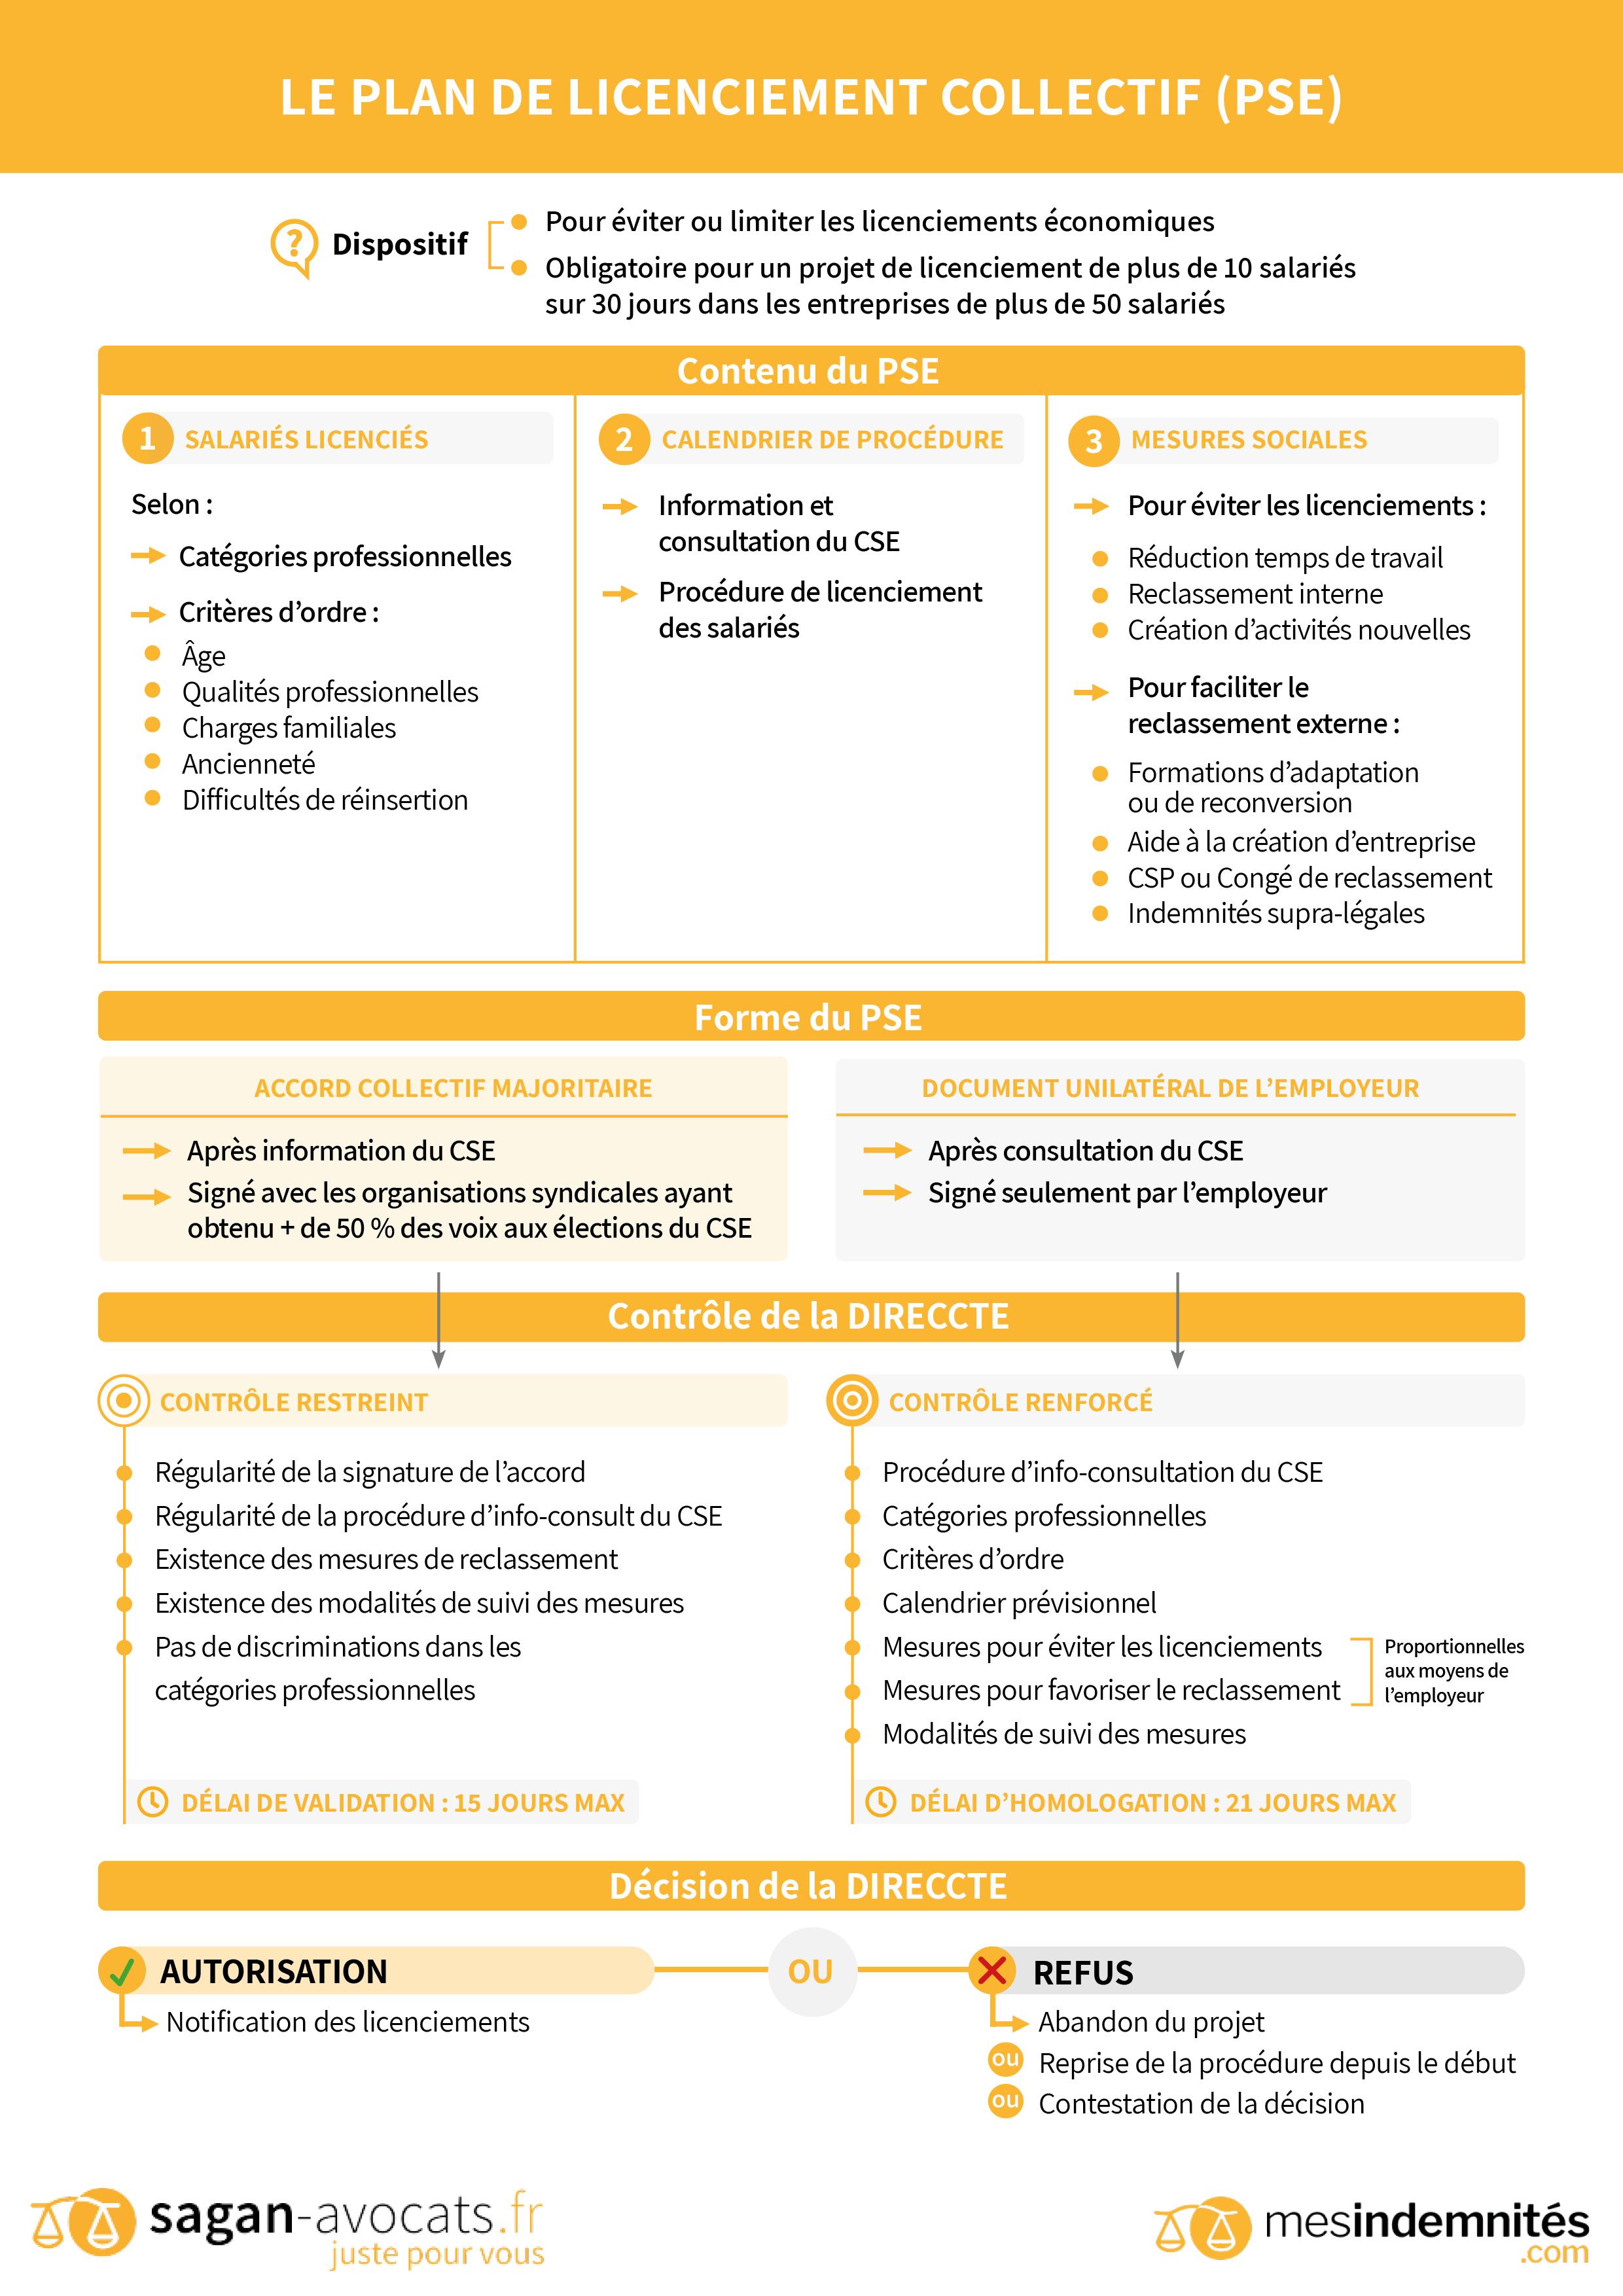 3. Le plan de licenciement collectif (PSE)